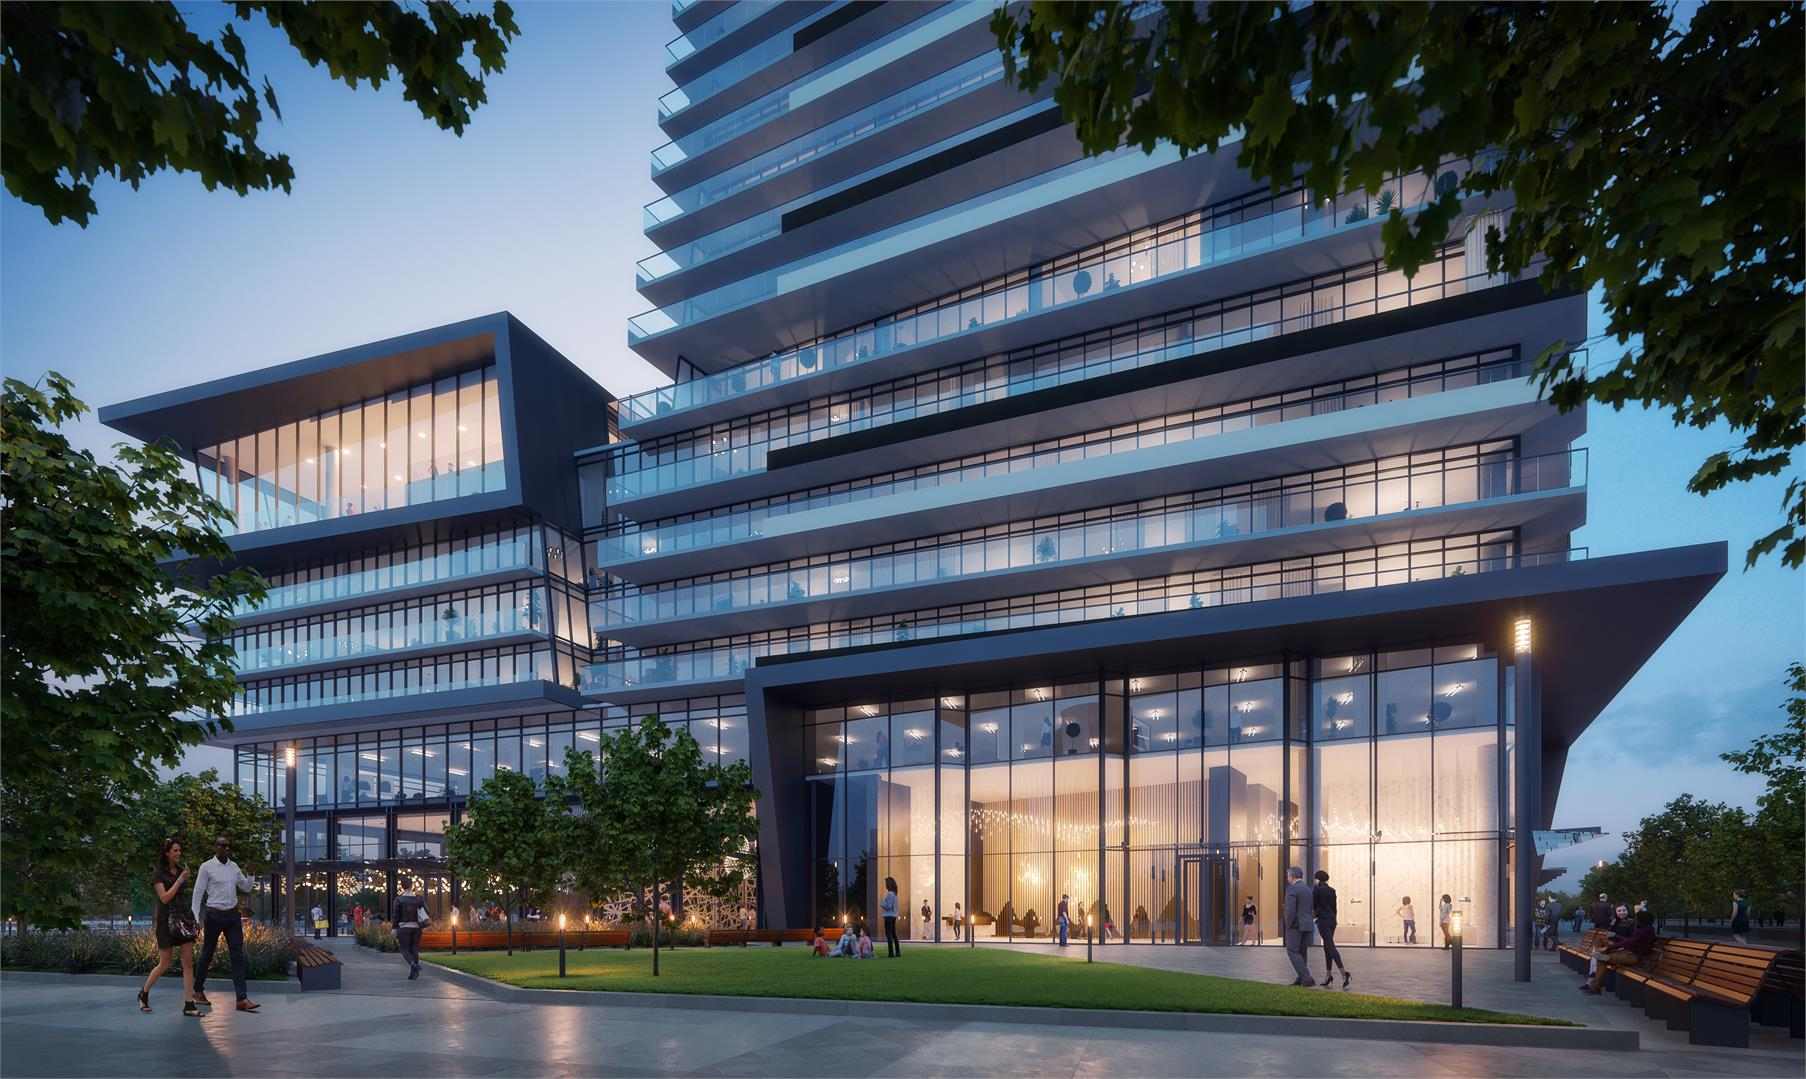 M City Condos 3 courtyard